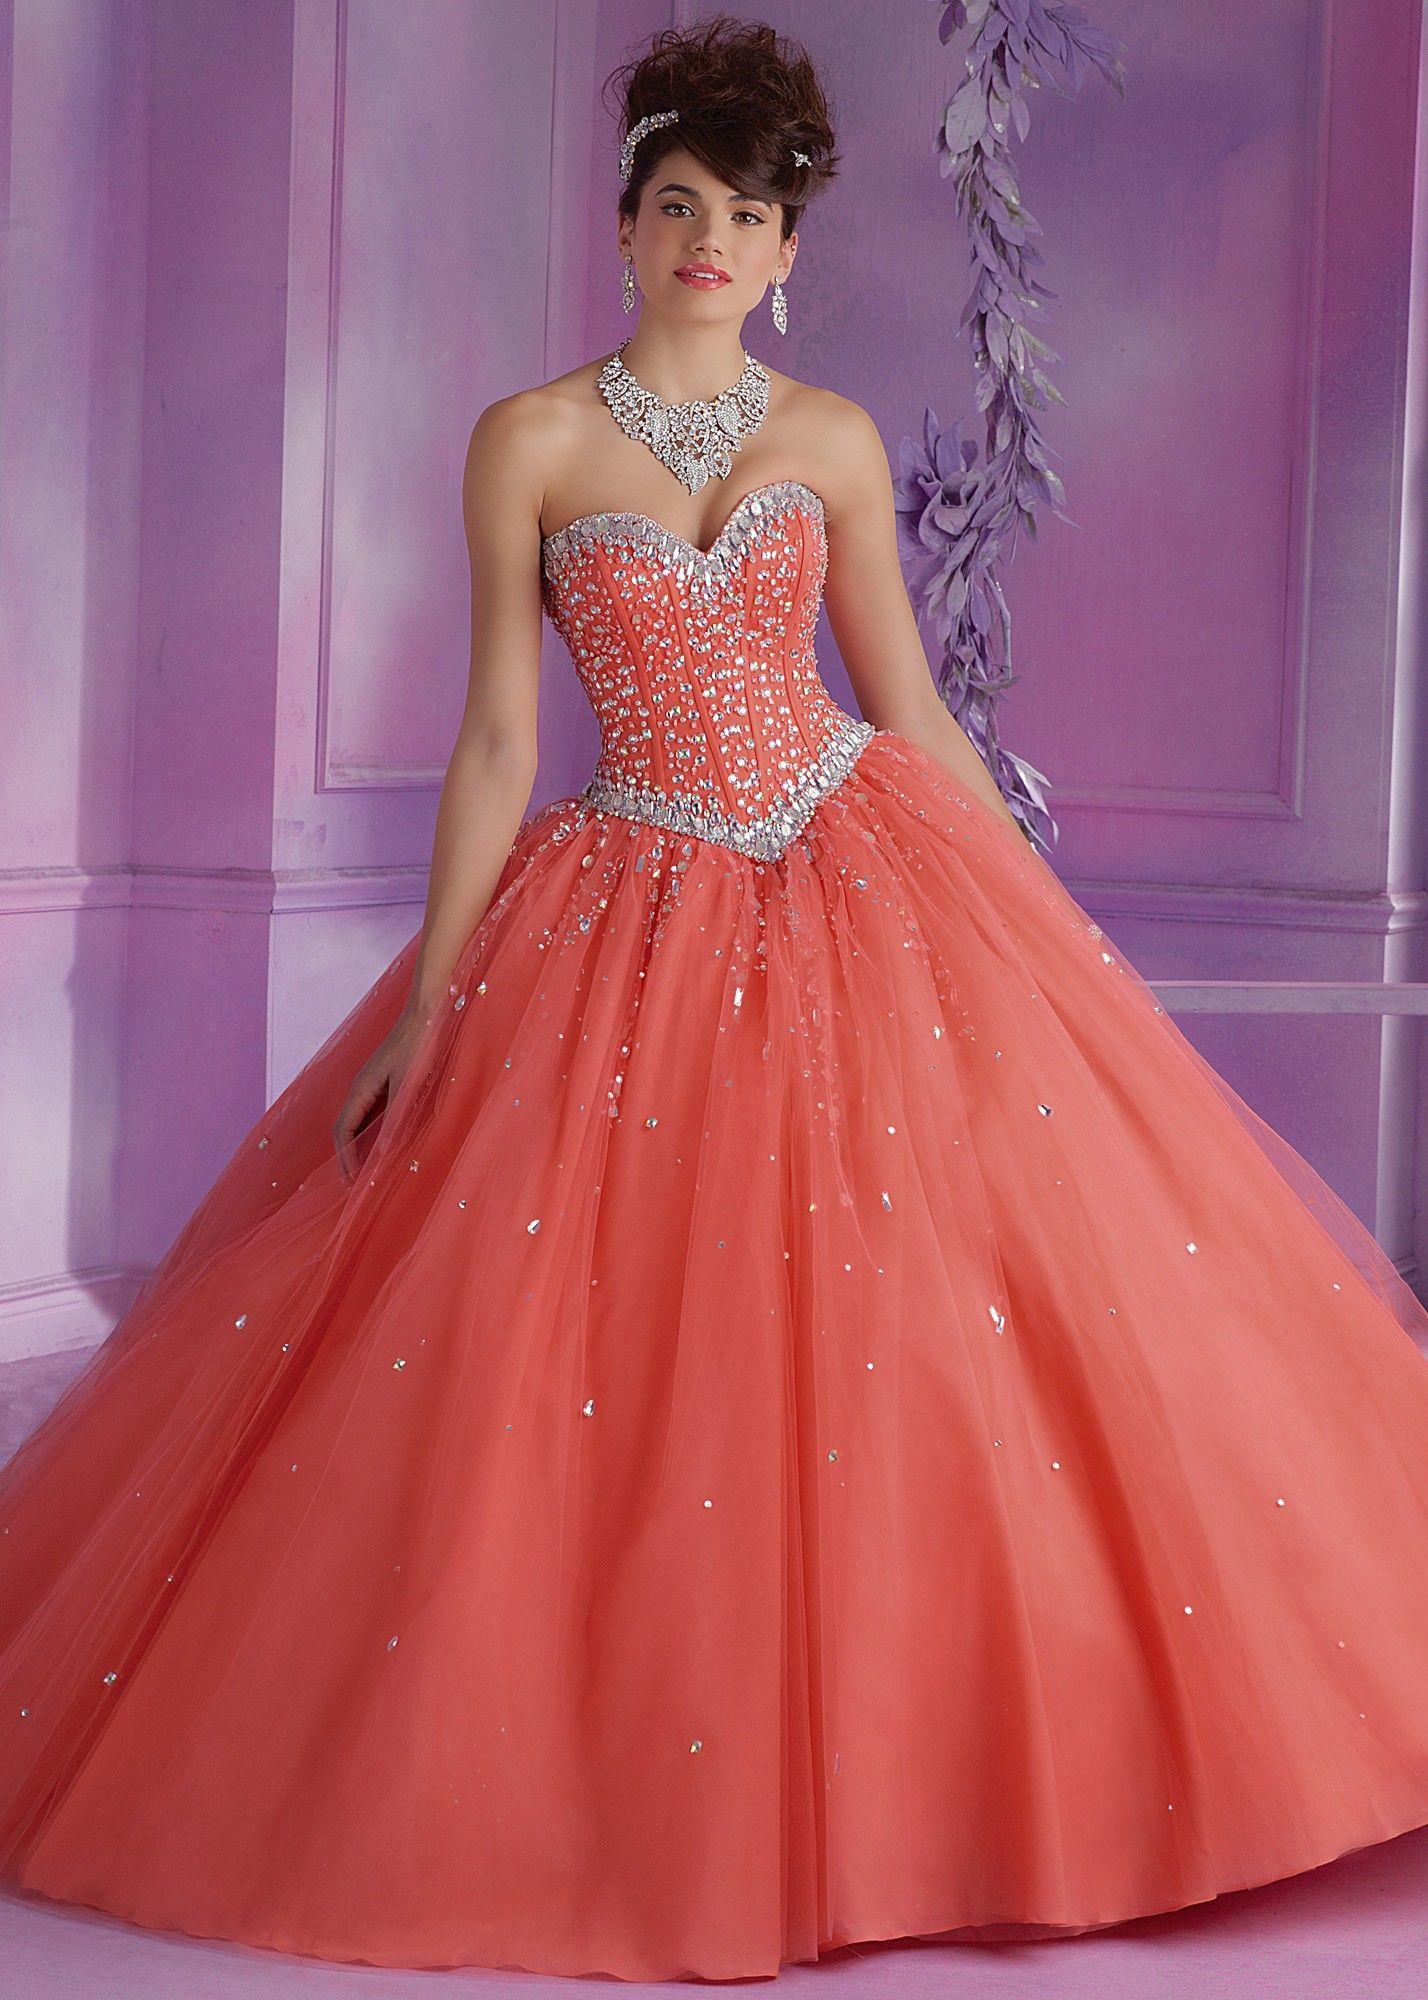 Mori Lee 89012 Sweetheart Quinceanera Dress | Bälle, Feuer und Kleider